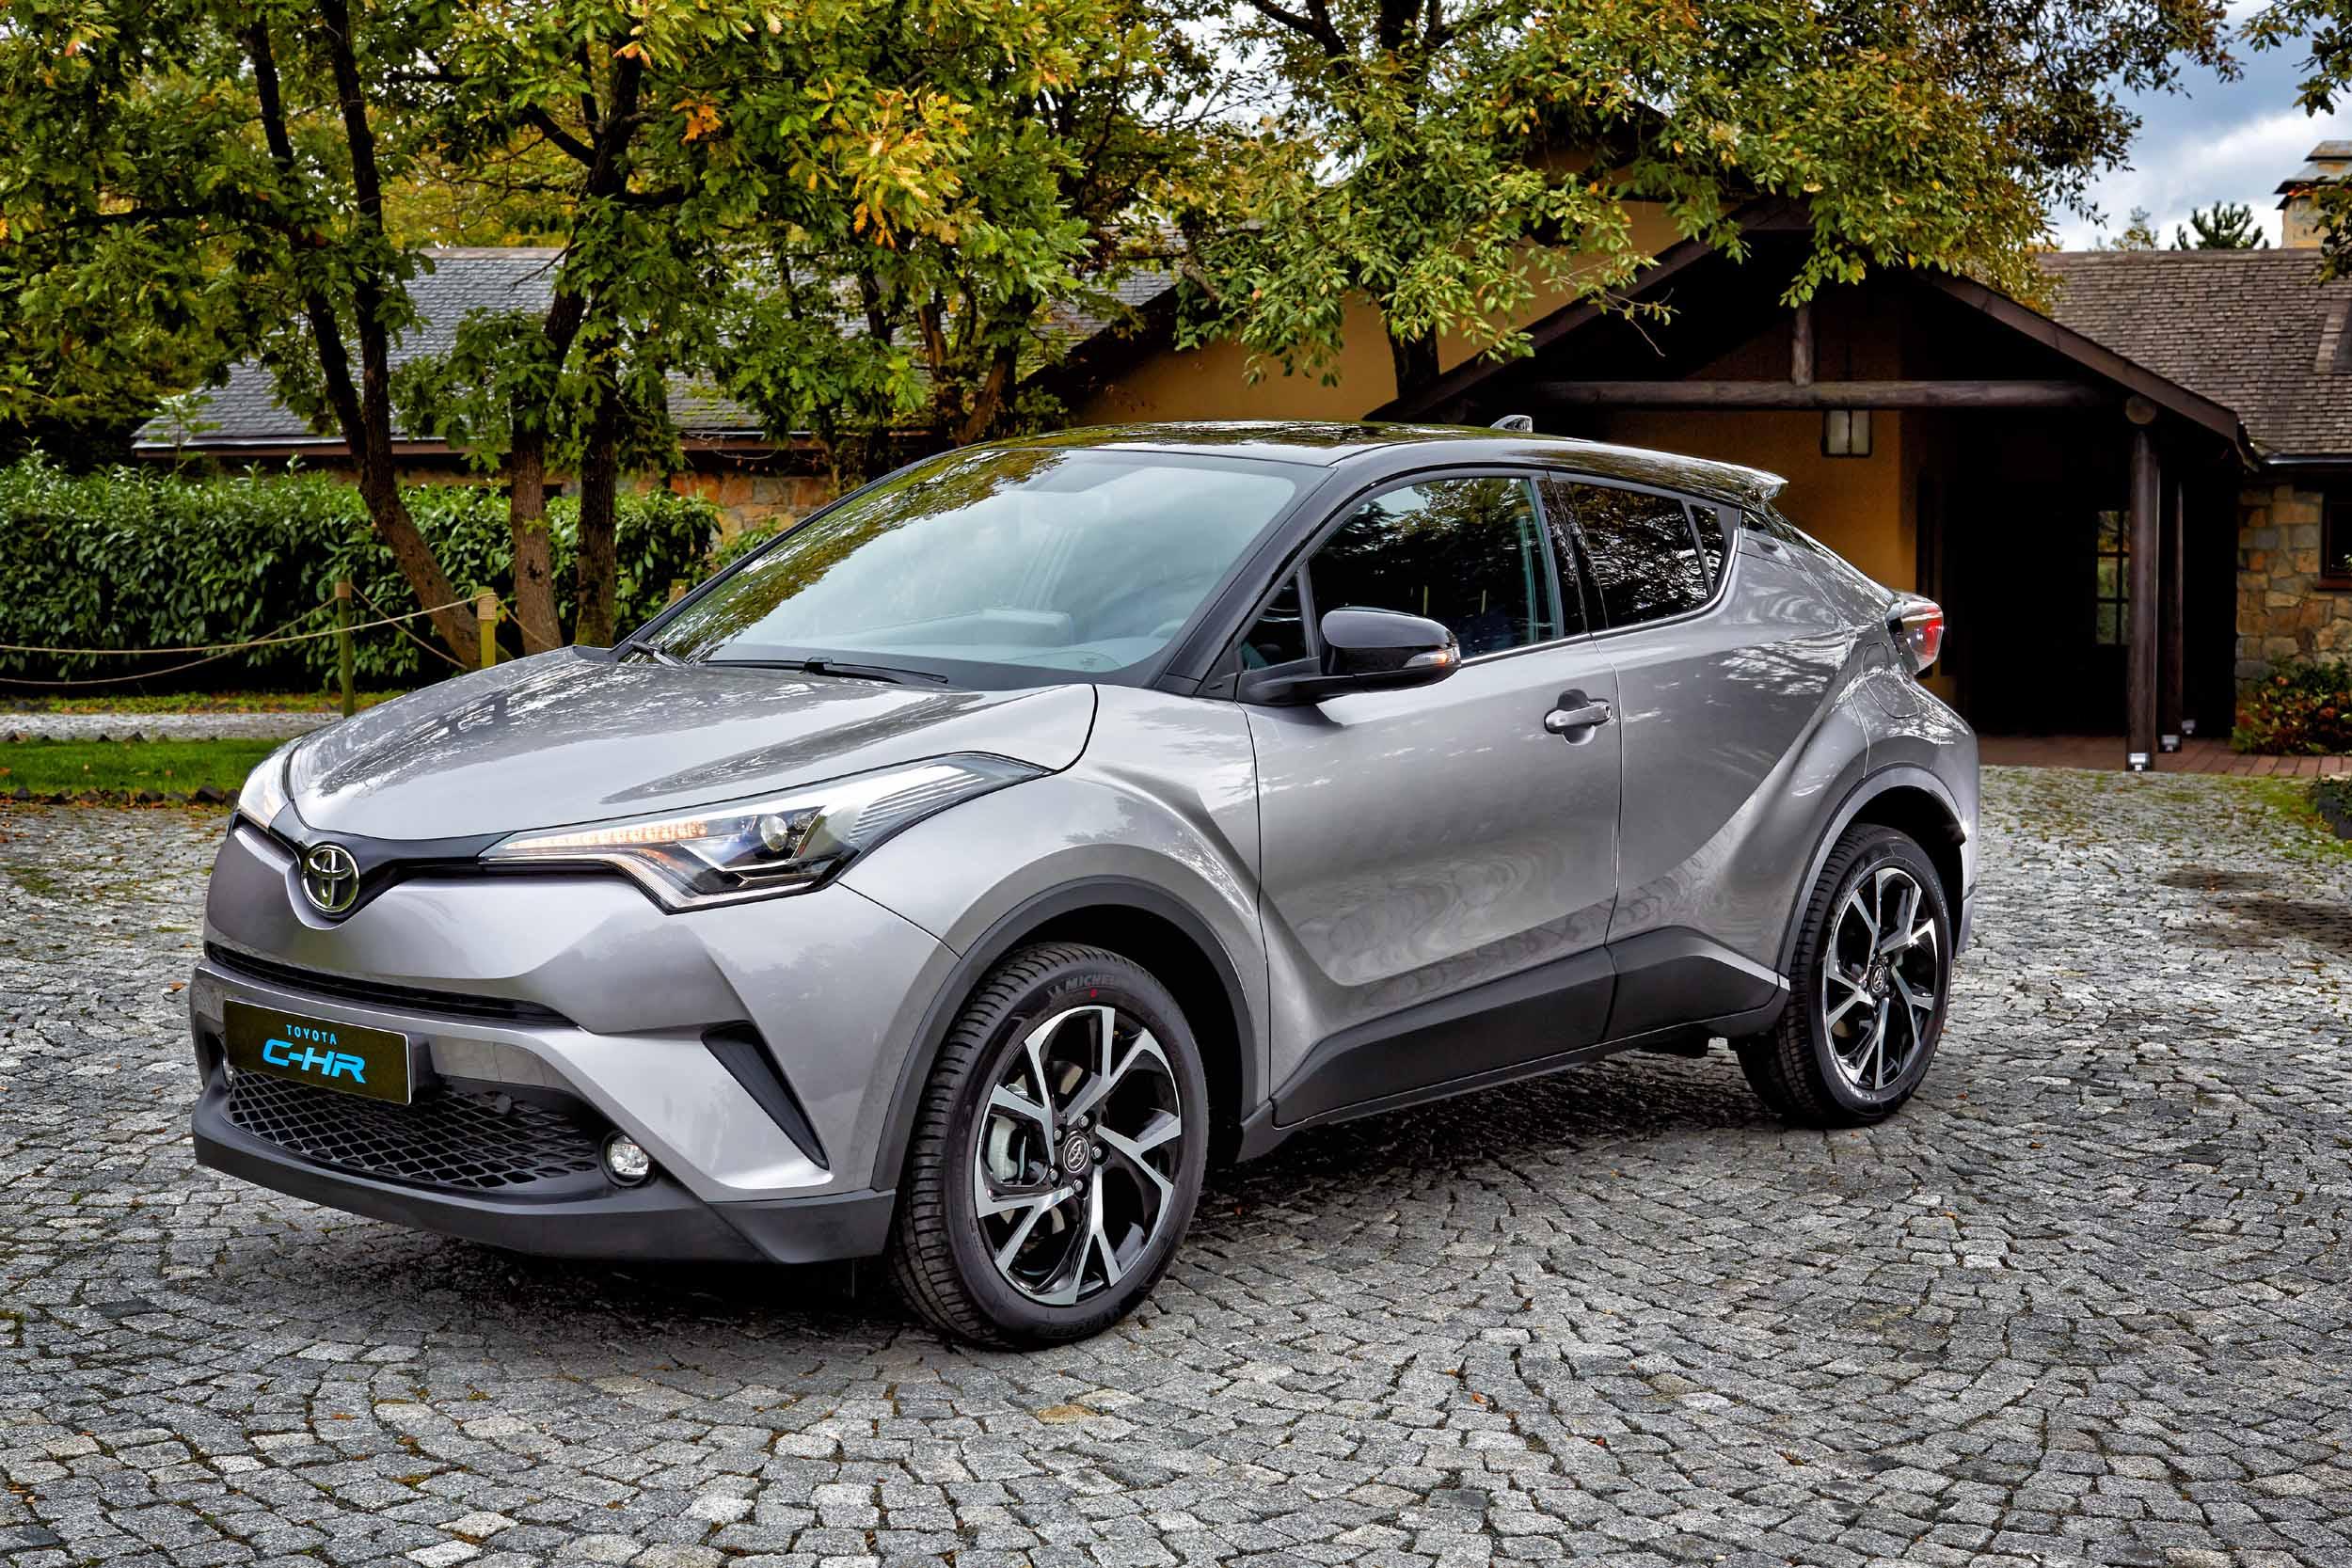 Toyota, Aralık Kampanyasında İndirim, Uygun Faiz ve Vadeler Sunuyor